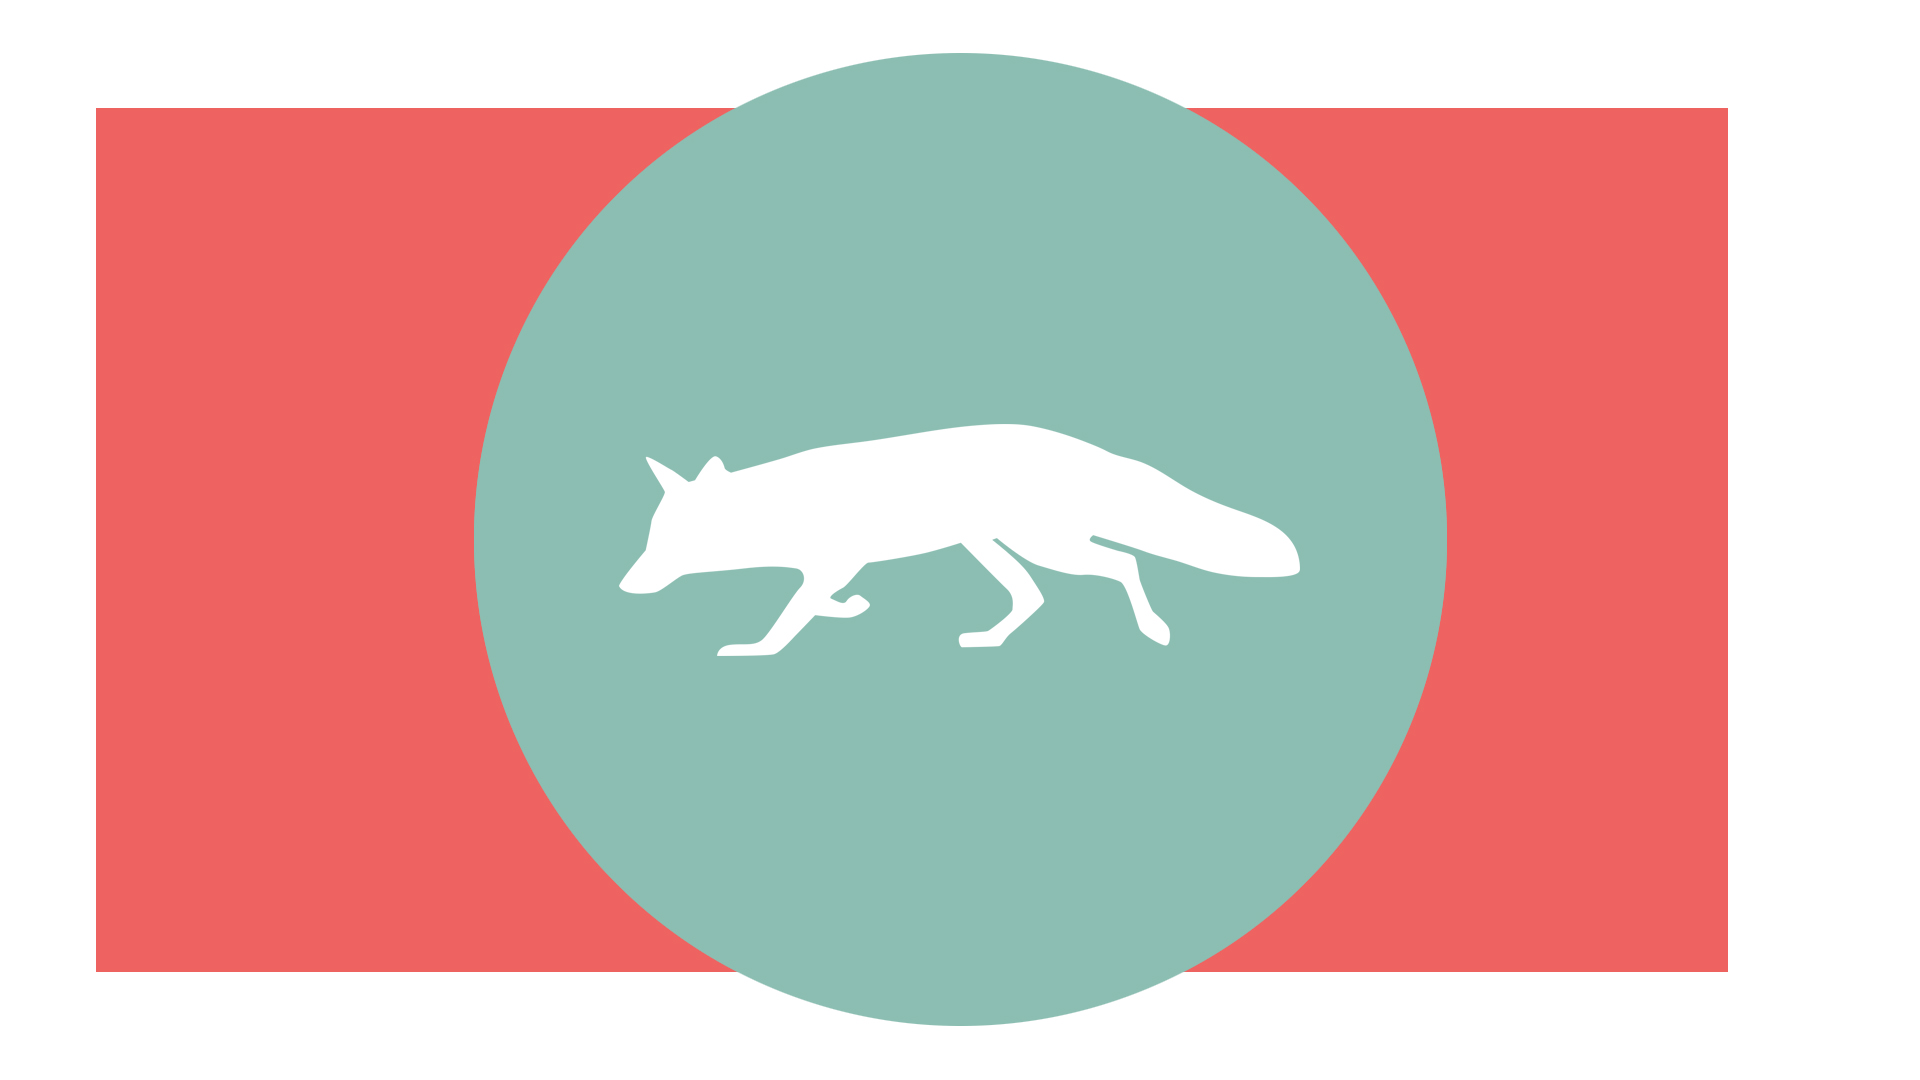 Mr_Fox_Circle_fox.jpg